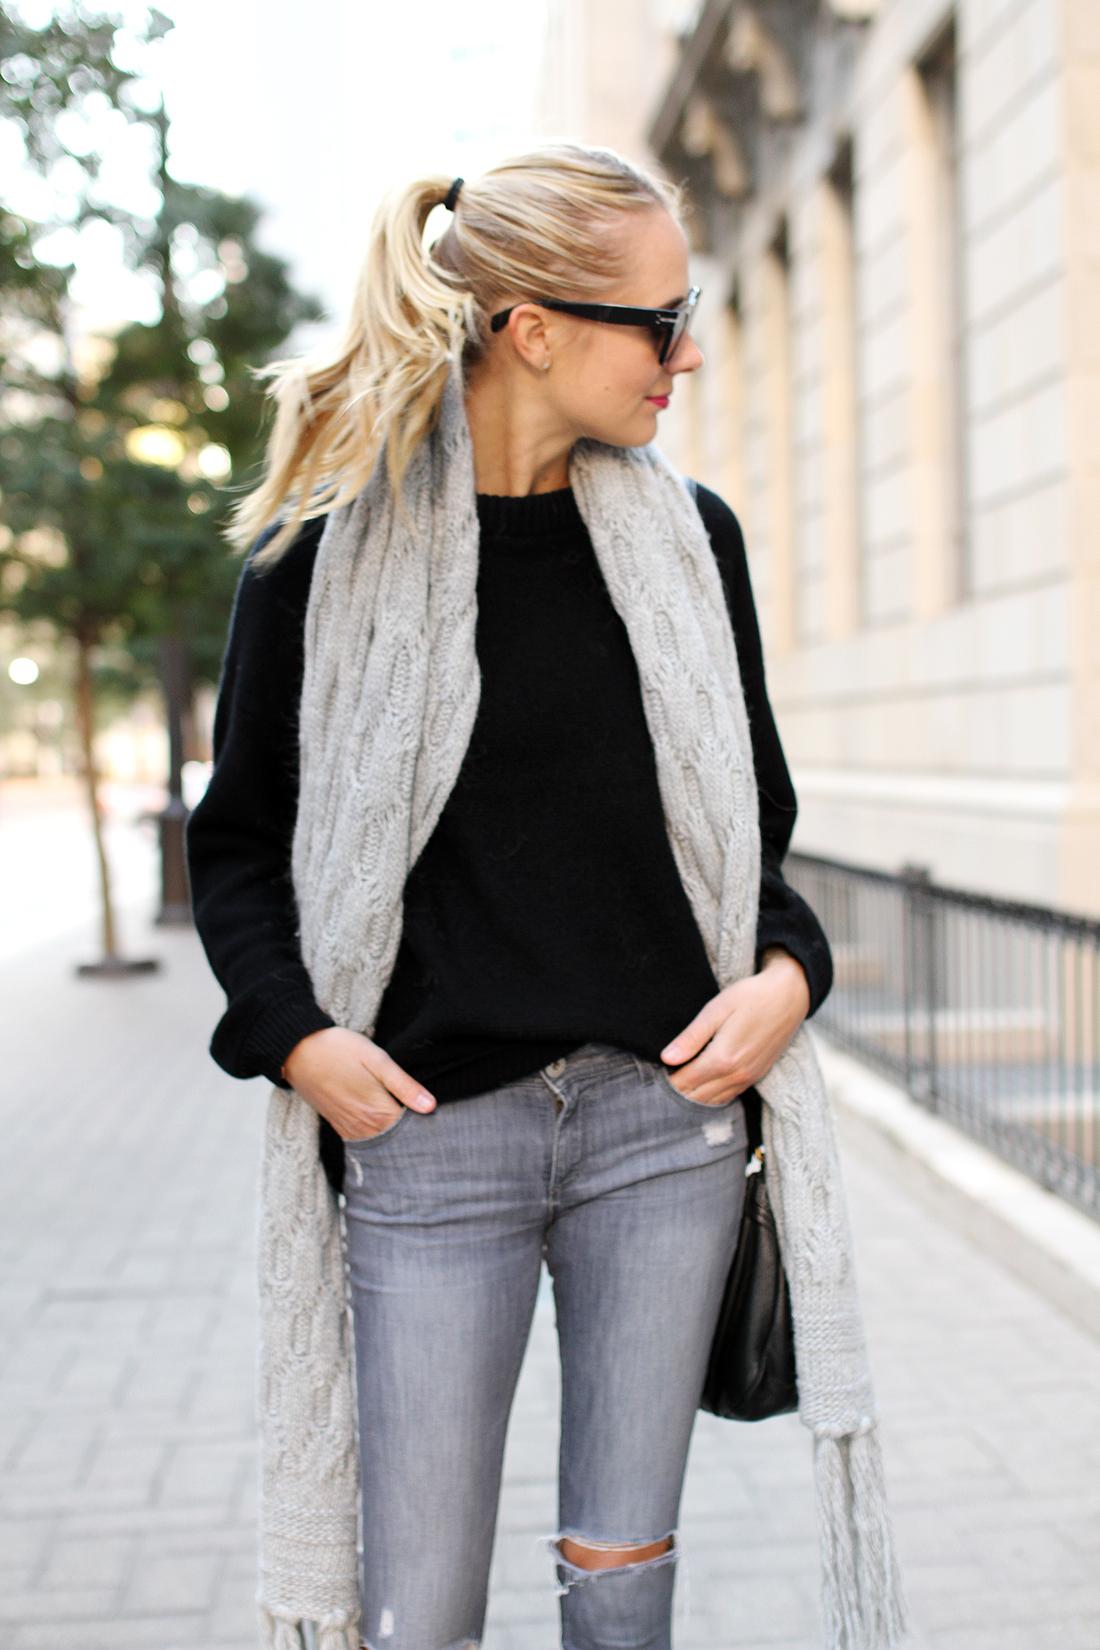 fashion-jackson-grey-ripped-skinny-jeans-black-oversized-sweater-banana-republic-grey-fringe-sweater